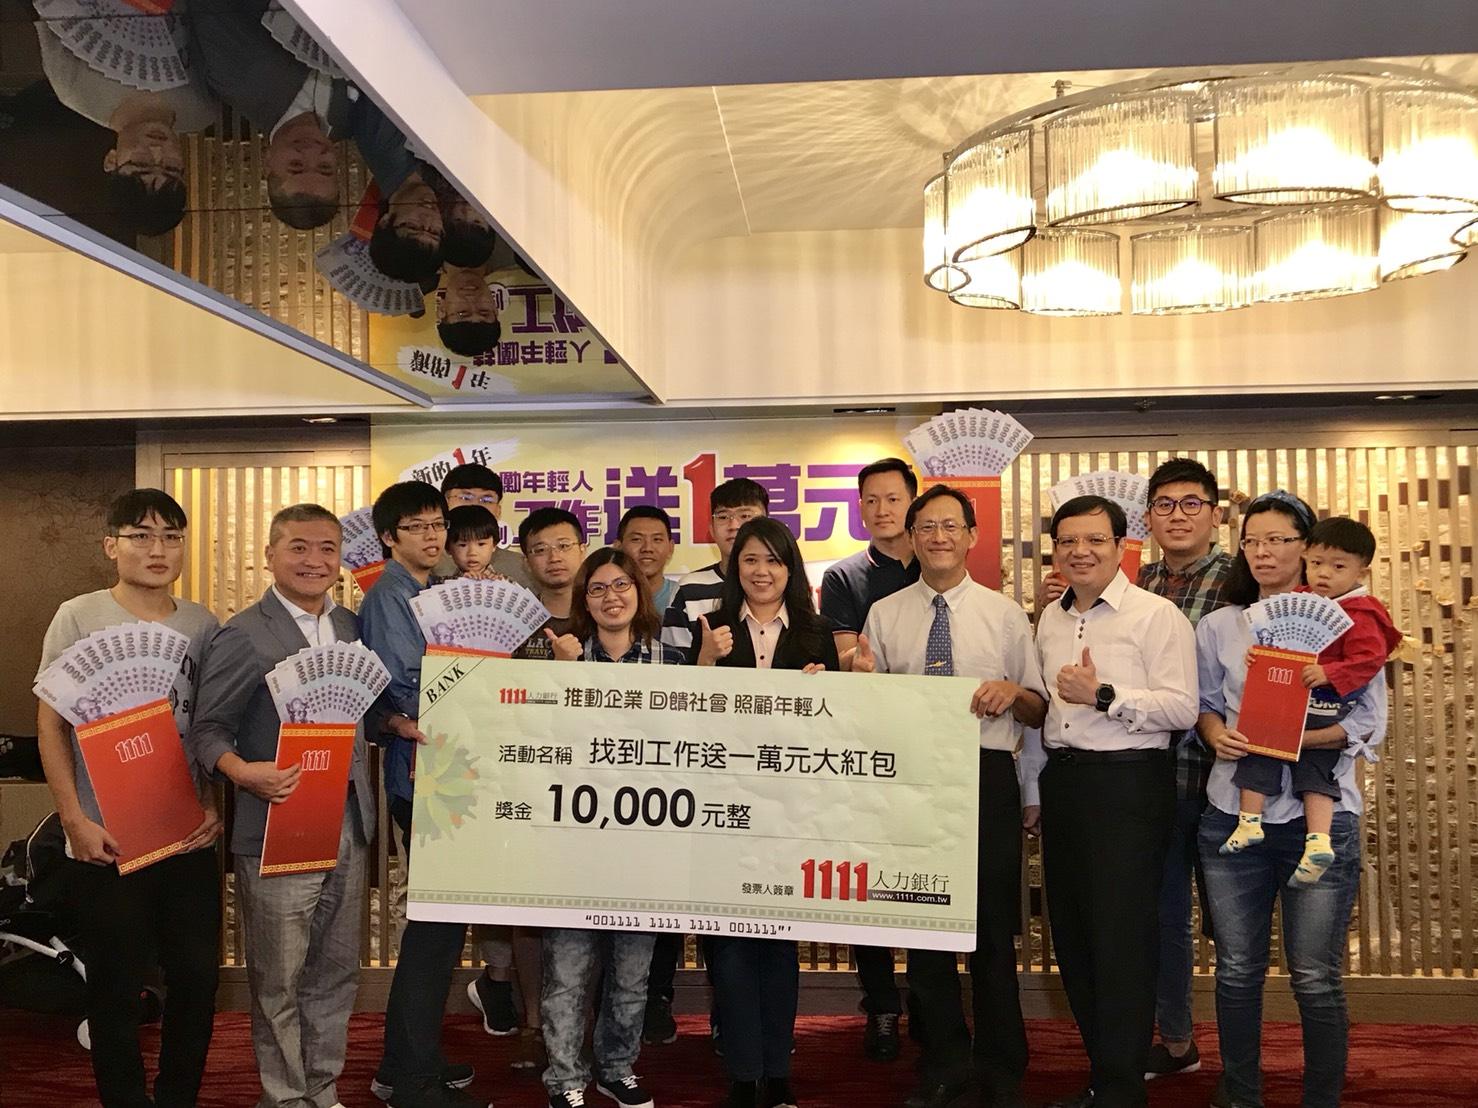 1111人力銀行: 讓高雄人結束北漂 發1萬元就職金鼓勵就業-找工作送一萬